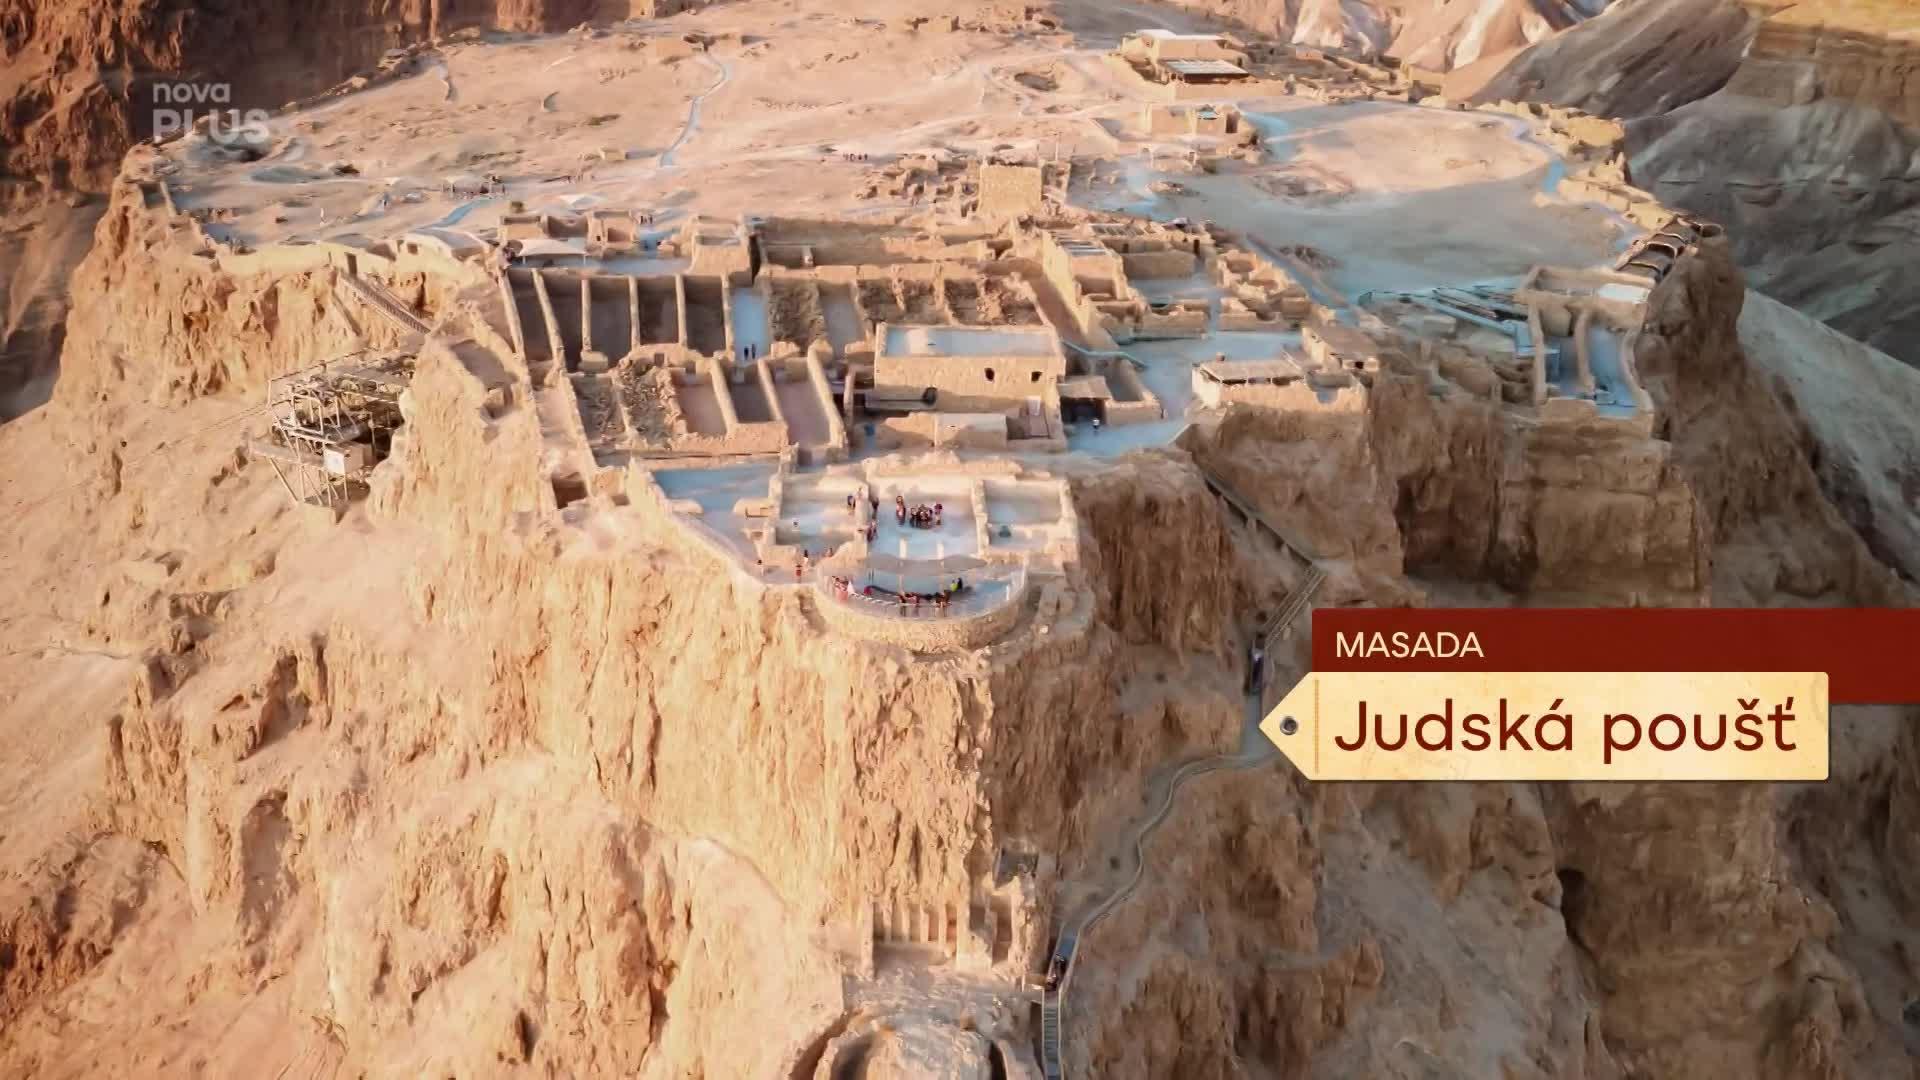 Vědecký úspěch: Izraelští odborníci vypěstovali vyhynulý datlovník!